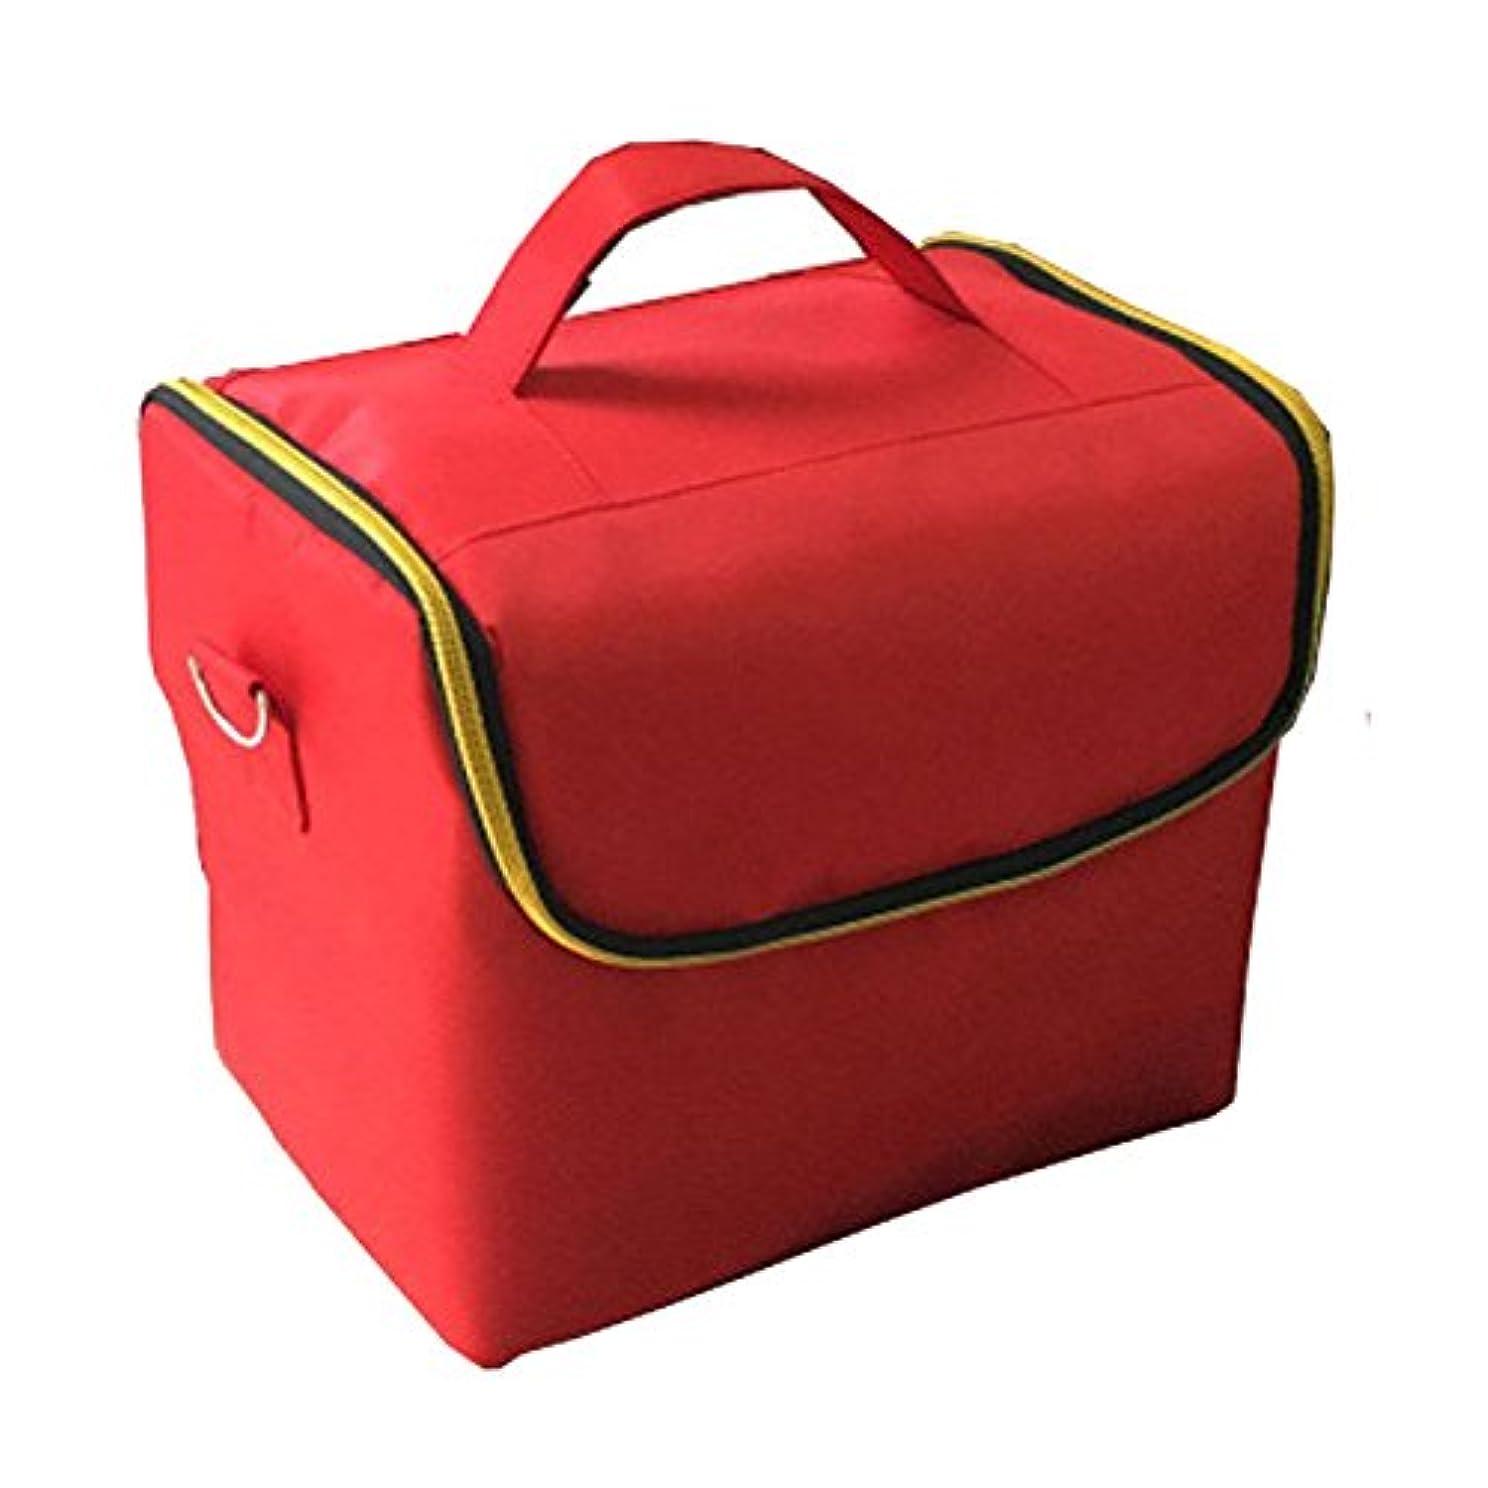 破産マインドフルジャニス「XINXIKEJI」メイクボックス コスメボックス ネイルボックス 2段 大容量 機内持ち込み可 洗える 肩掛け 化粧ボックス スプロも納得 収納力抜群 かわいい 祝日プレゼント 取っ手付 コスメBOXレッド